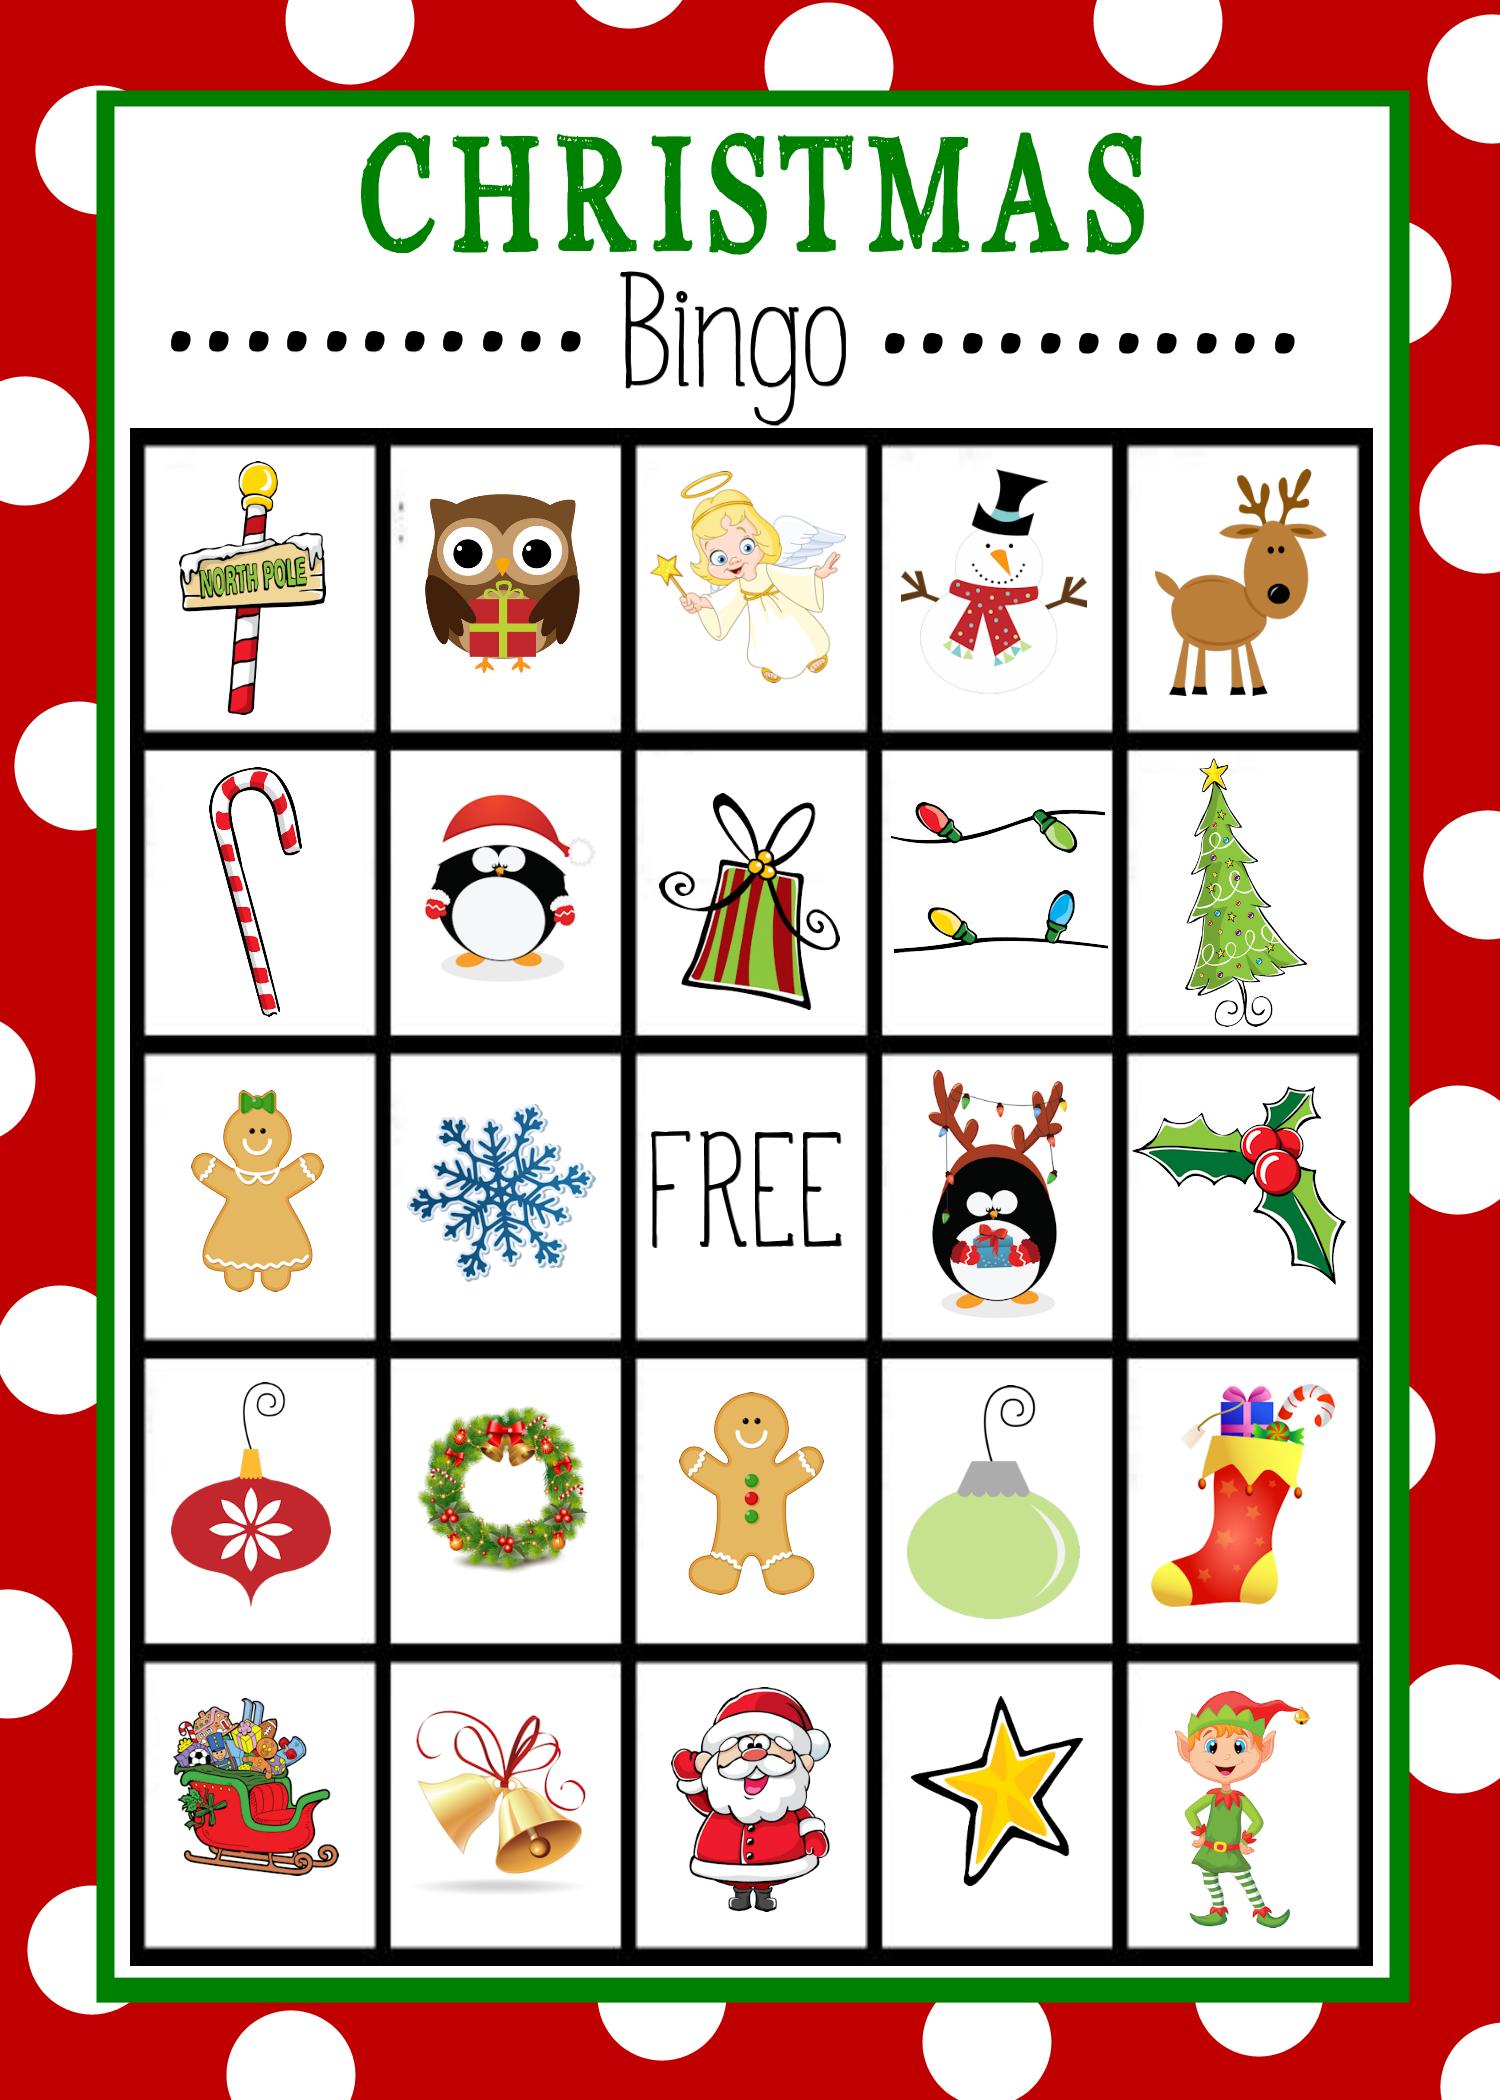 Free Printable Christmas Bingo Game   Christmas   Pinterest - Free Printable Christmas Bingo